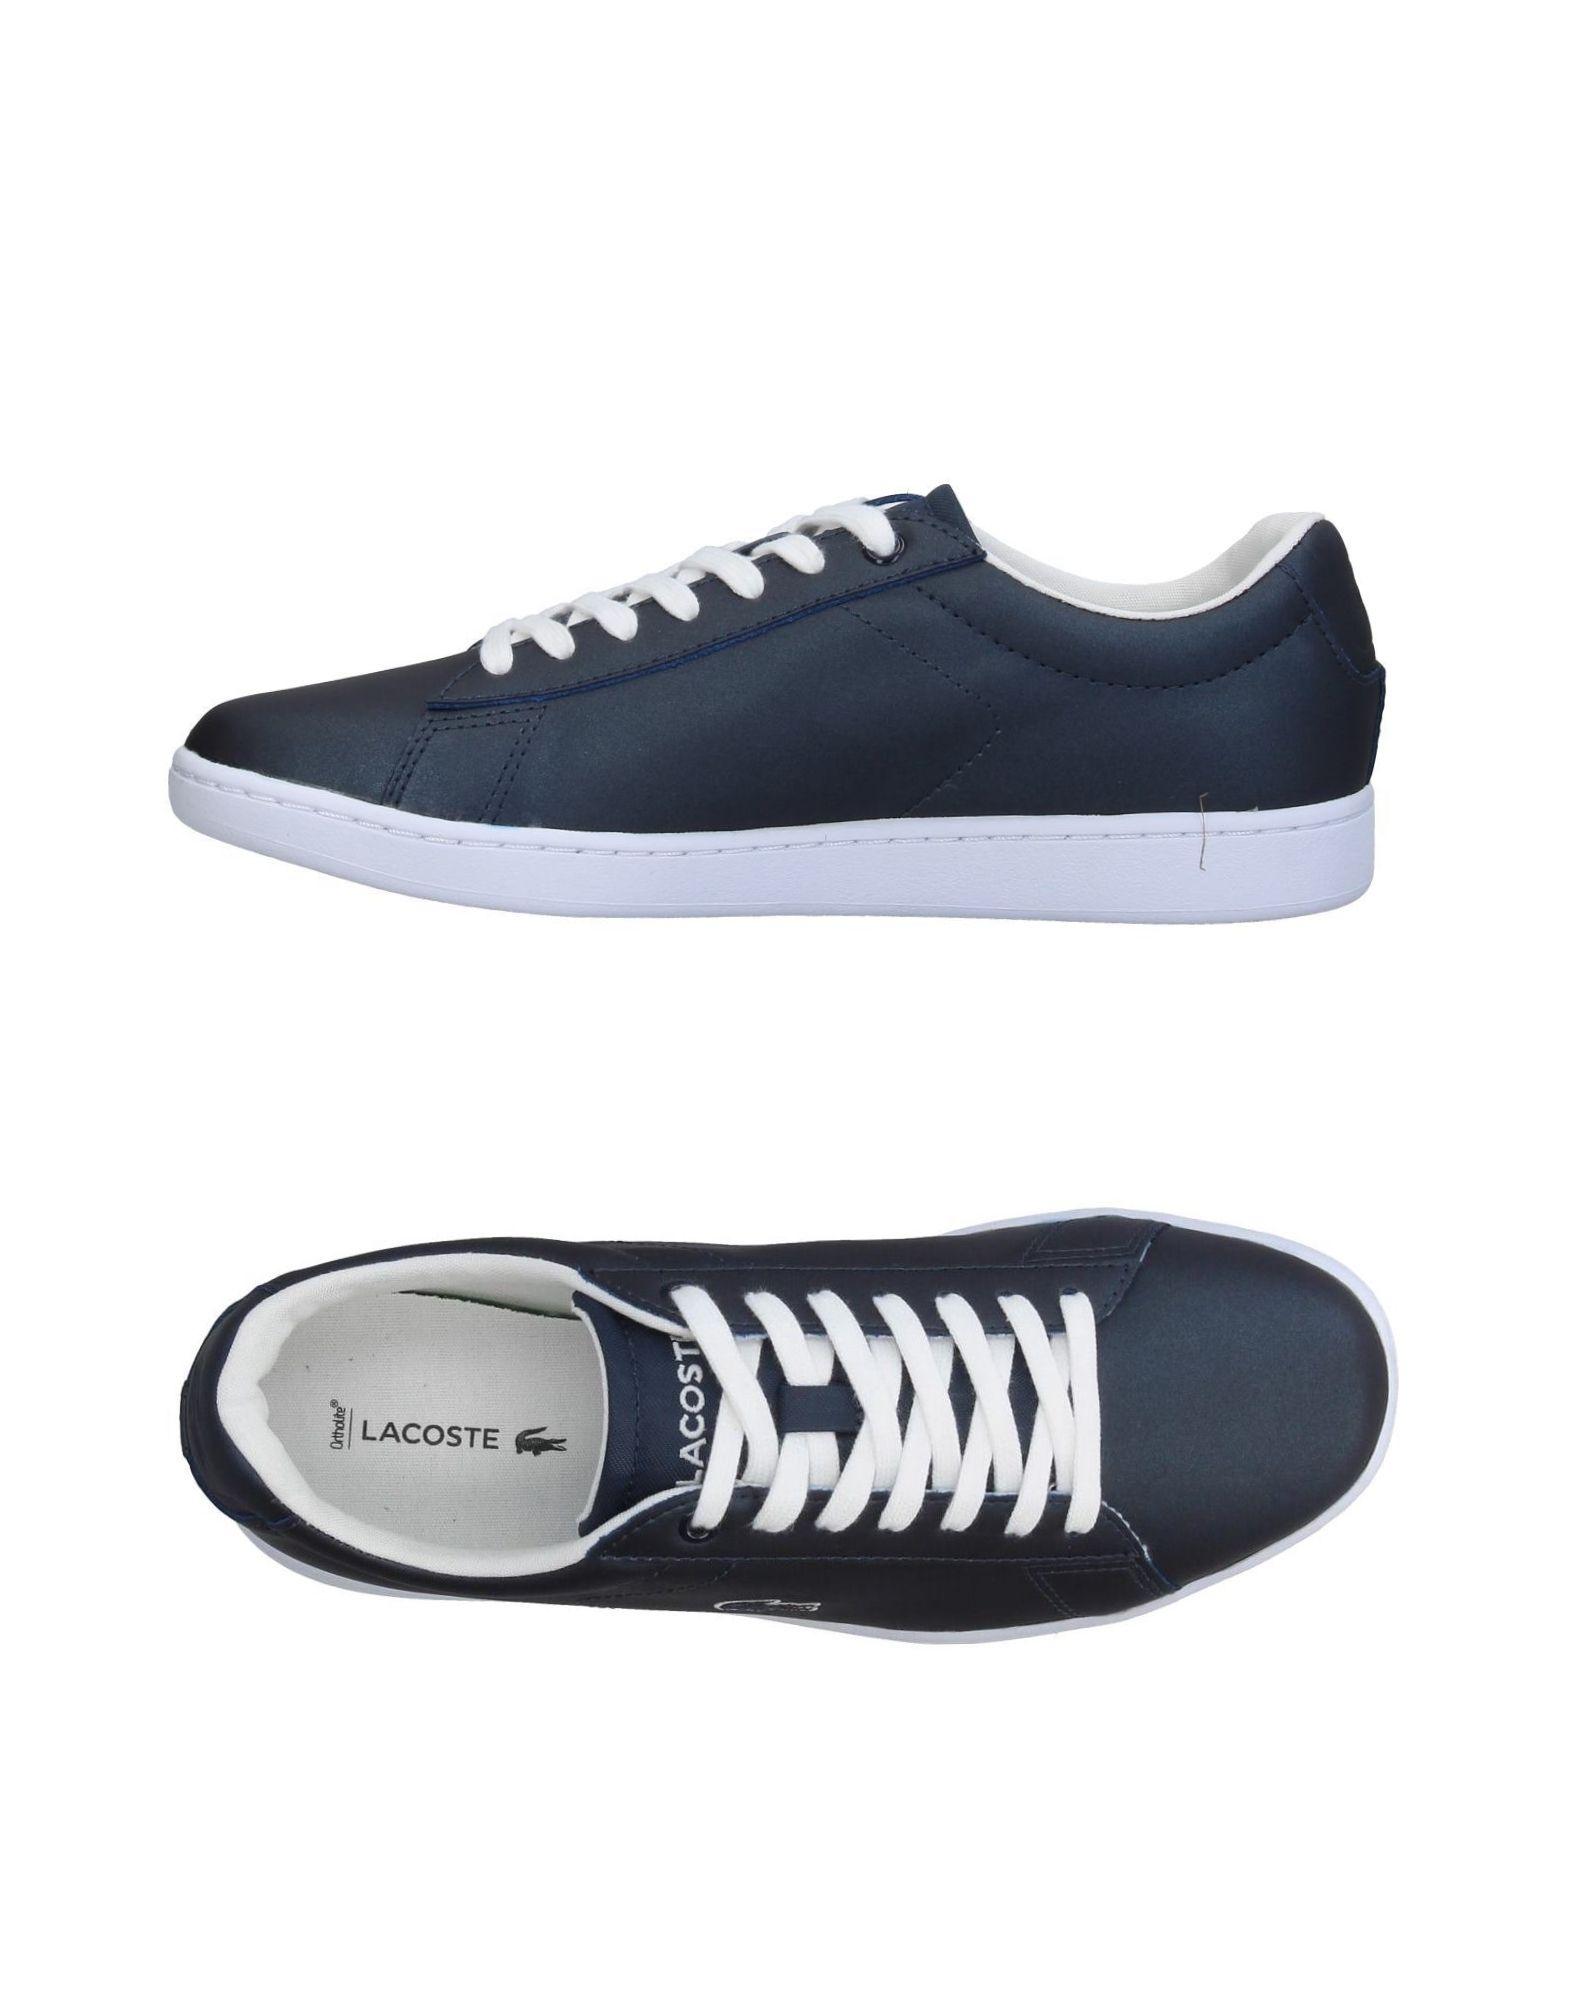 Sneakers Lacoste Donna - 11394999NB Scarpe economiche e buone